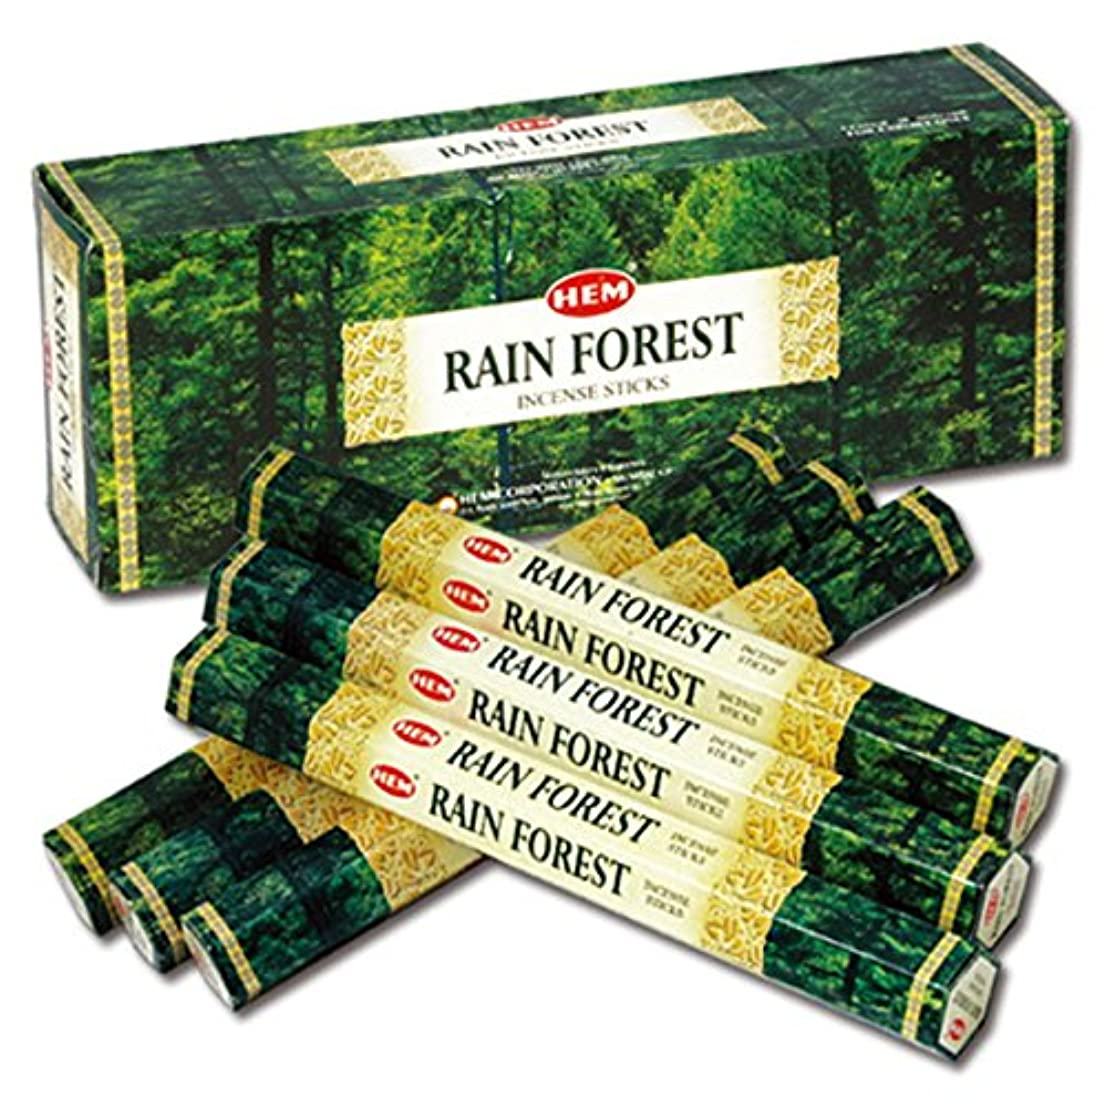 プラスチック診療所交通渋滞HEM(ヘム) レインフォレスト RAIN FOREST スティックタイプ お香 6筒 セット [並行輸入品]